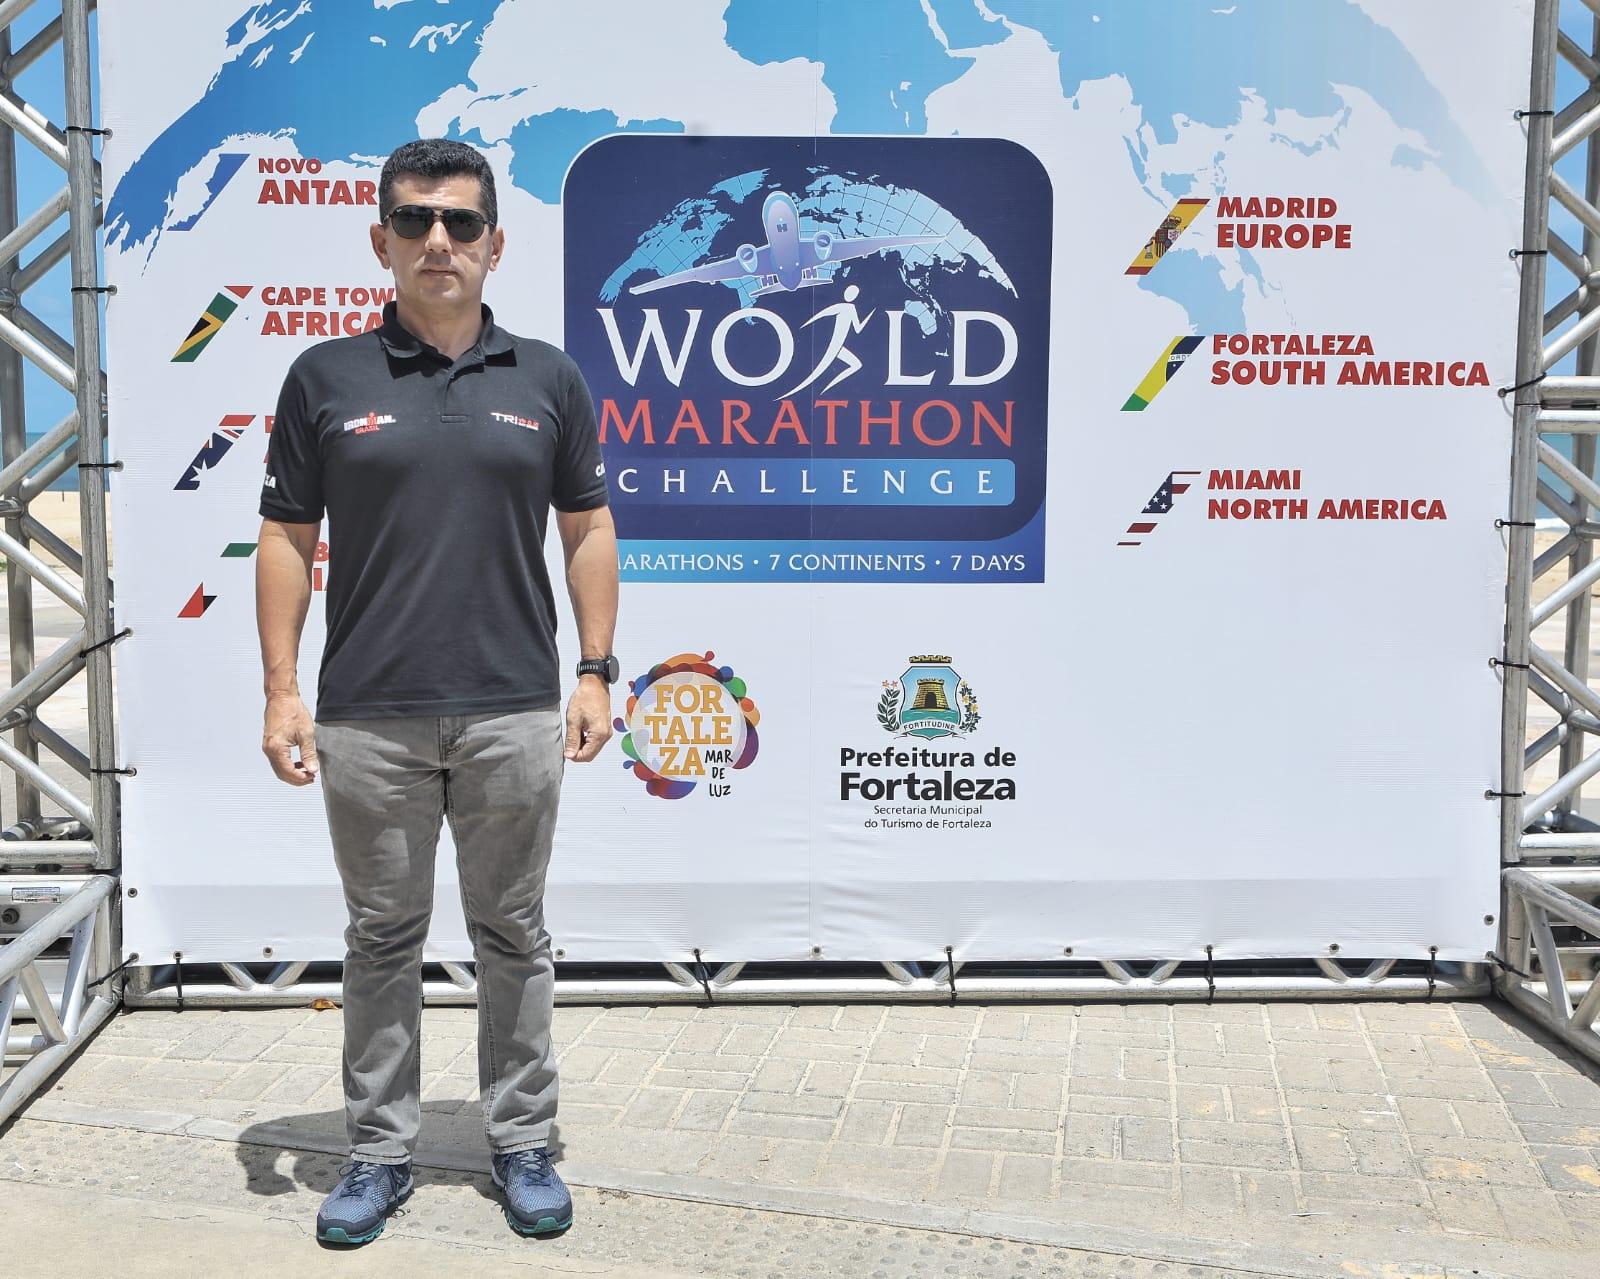 Erick Vasconcelos recebe os competidores na passagem do World Marathon Challenge em Fortaleza